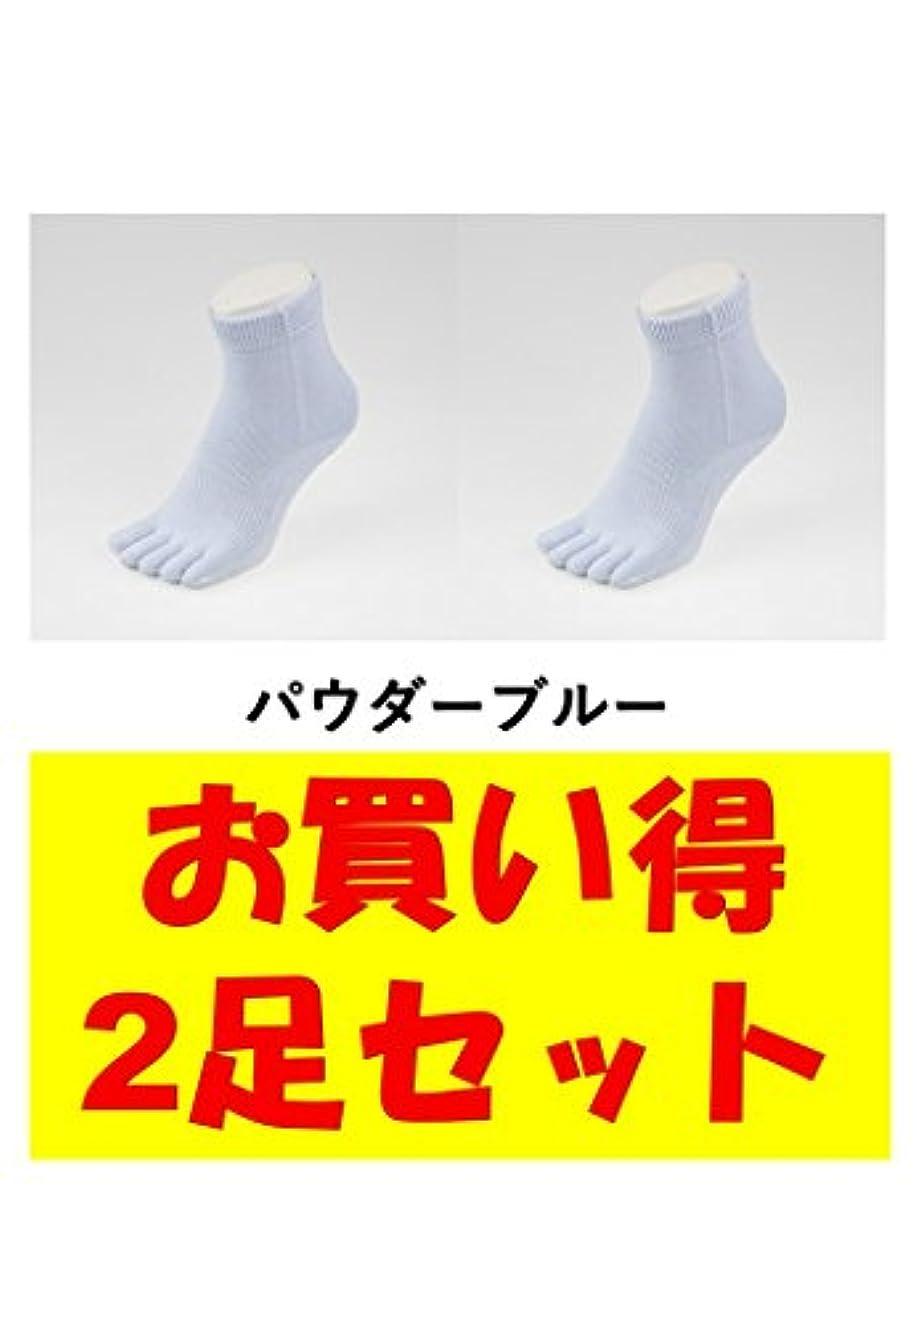 宅配便教科書無限お買い得2足セット 5本指 ゆびのばソックス Neo EVE(イヴ) パウダーブルー iサイズ(23.5cm - 25.5cm) YSNEVE-PBL